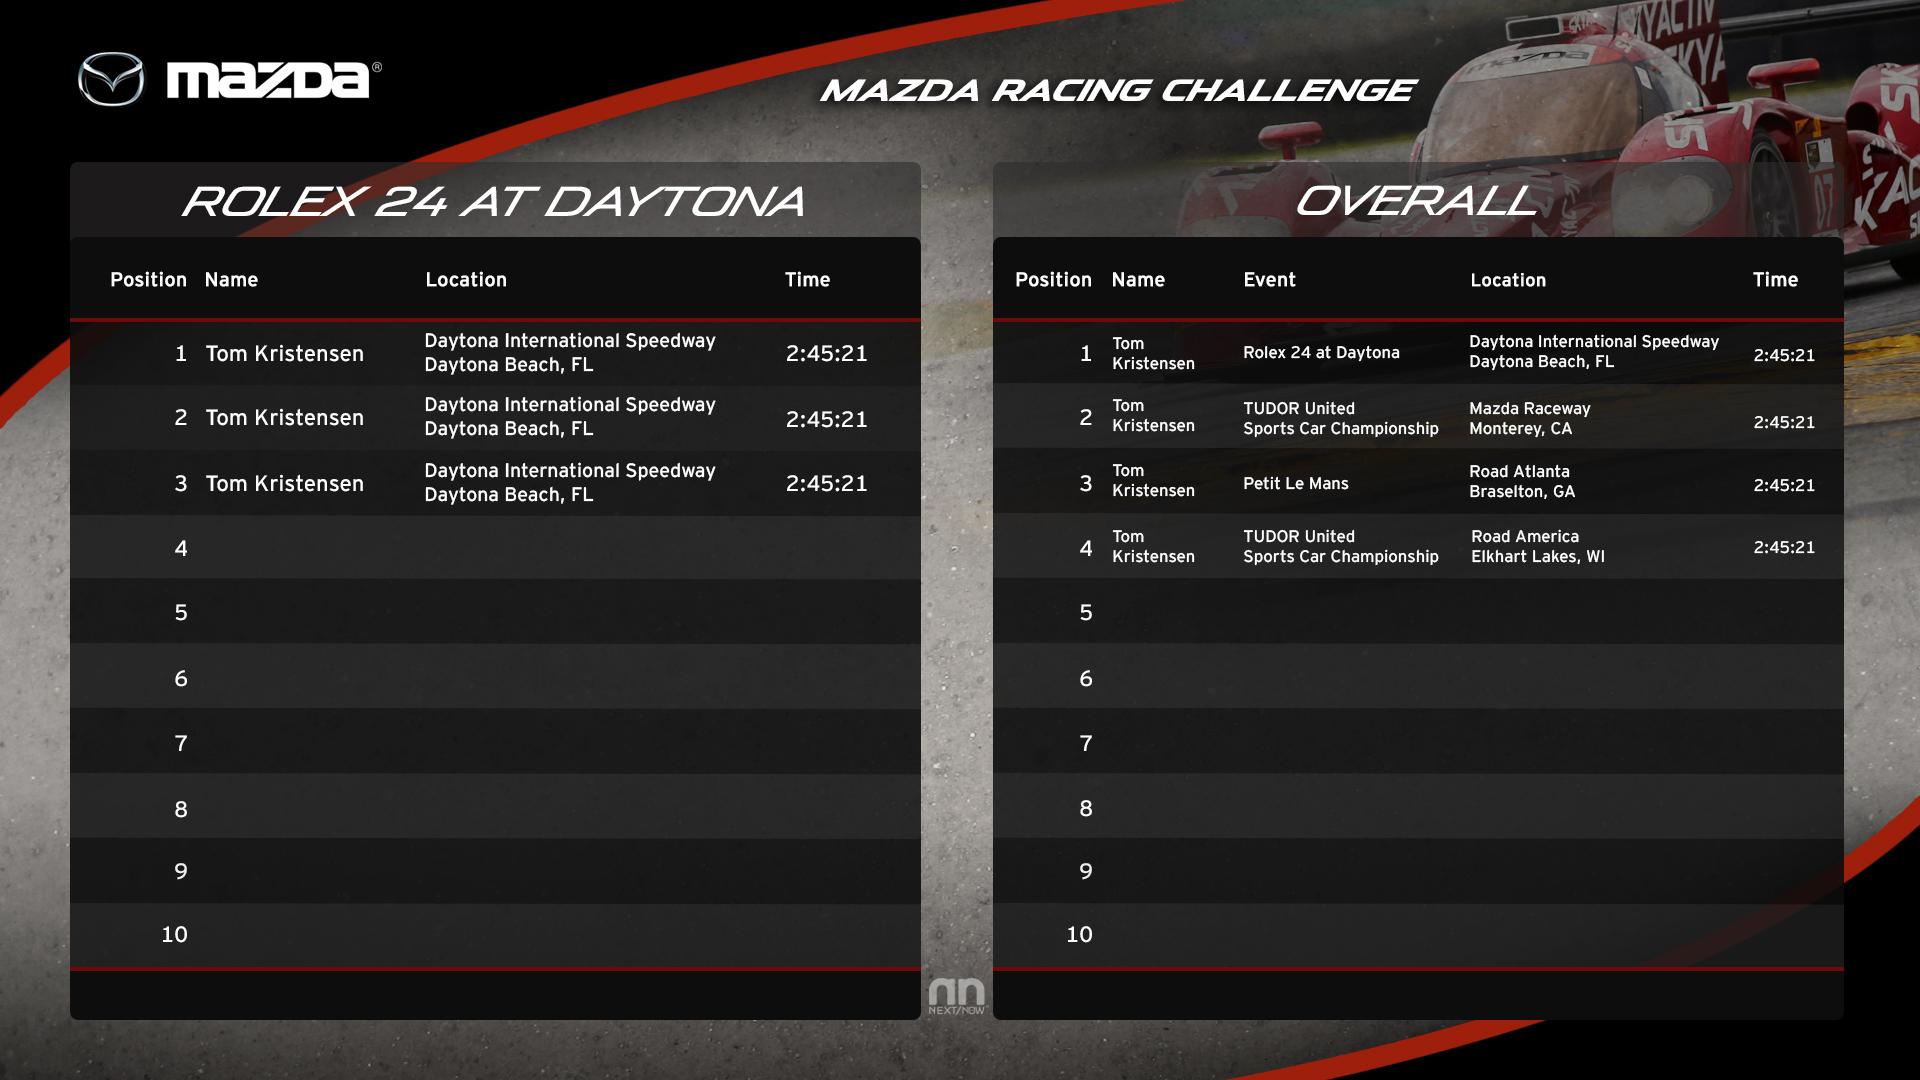 Mazda: Racing Challenge